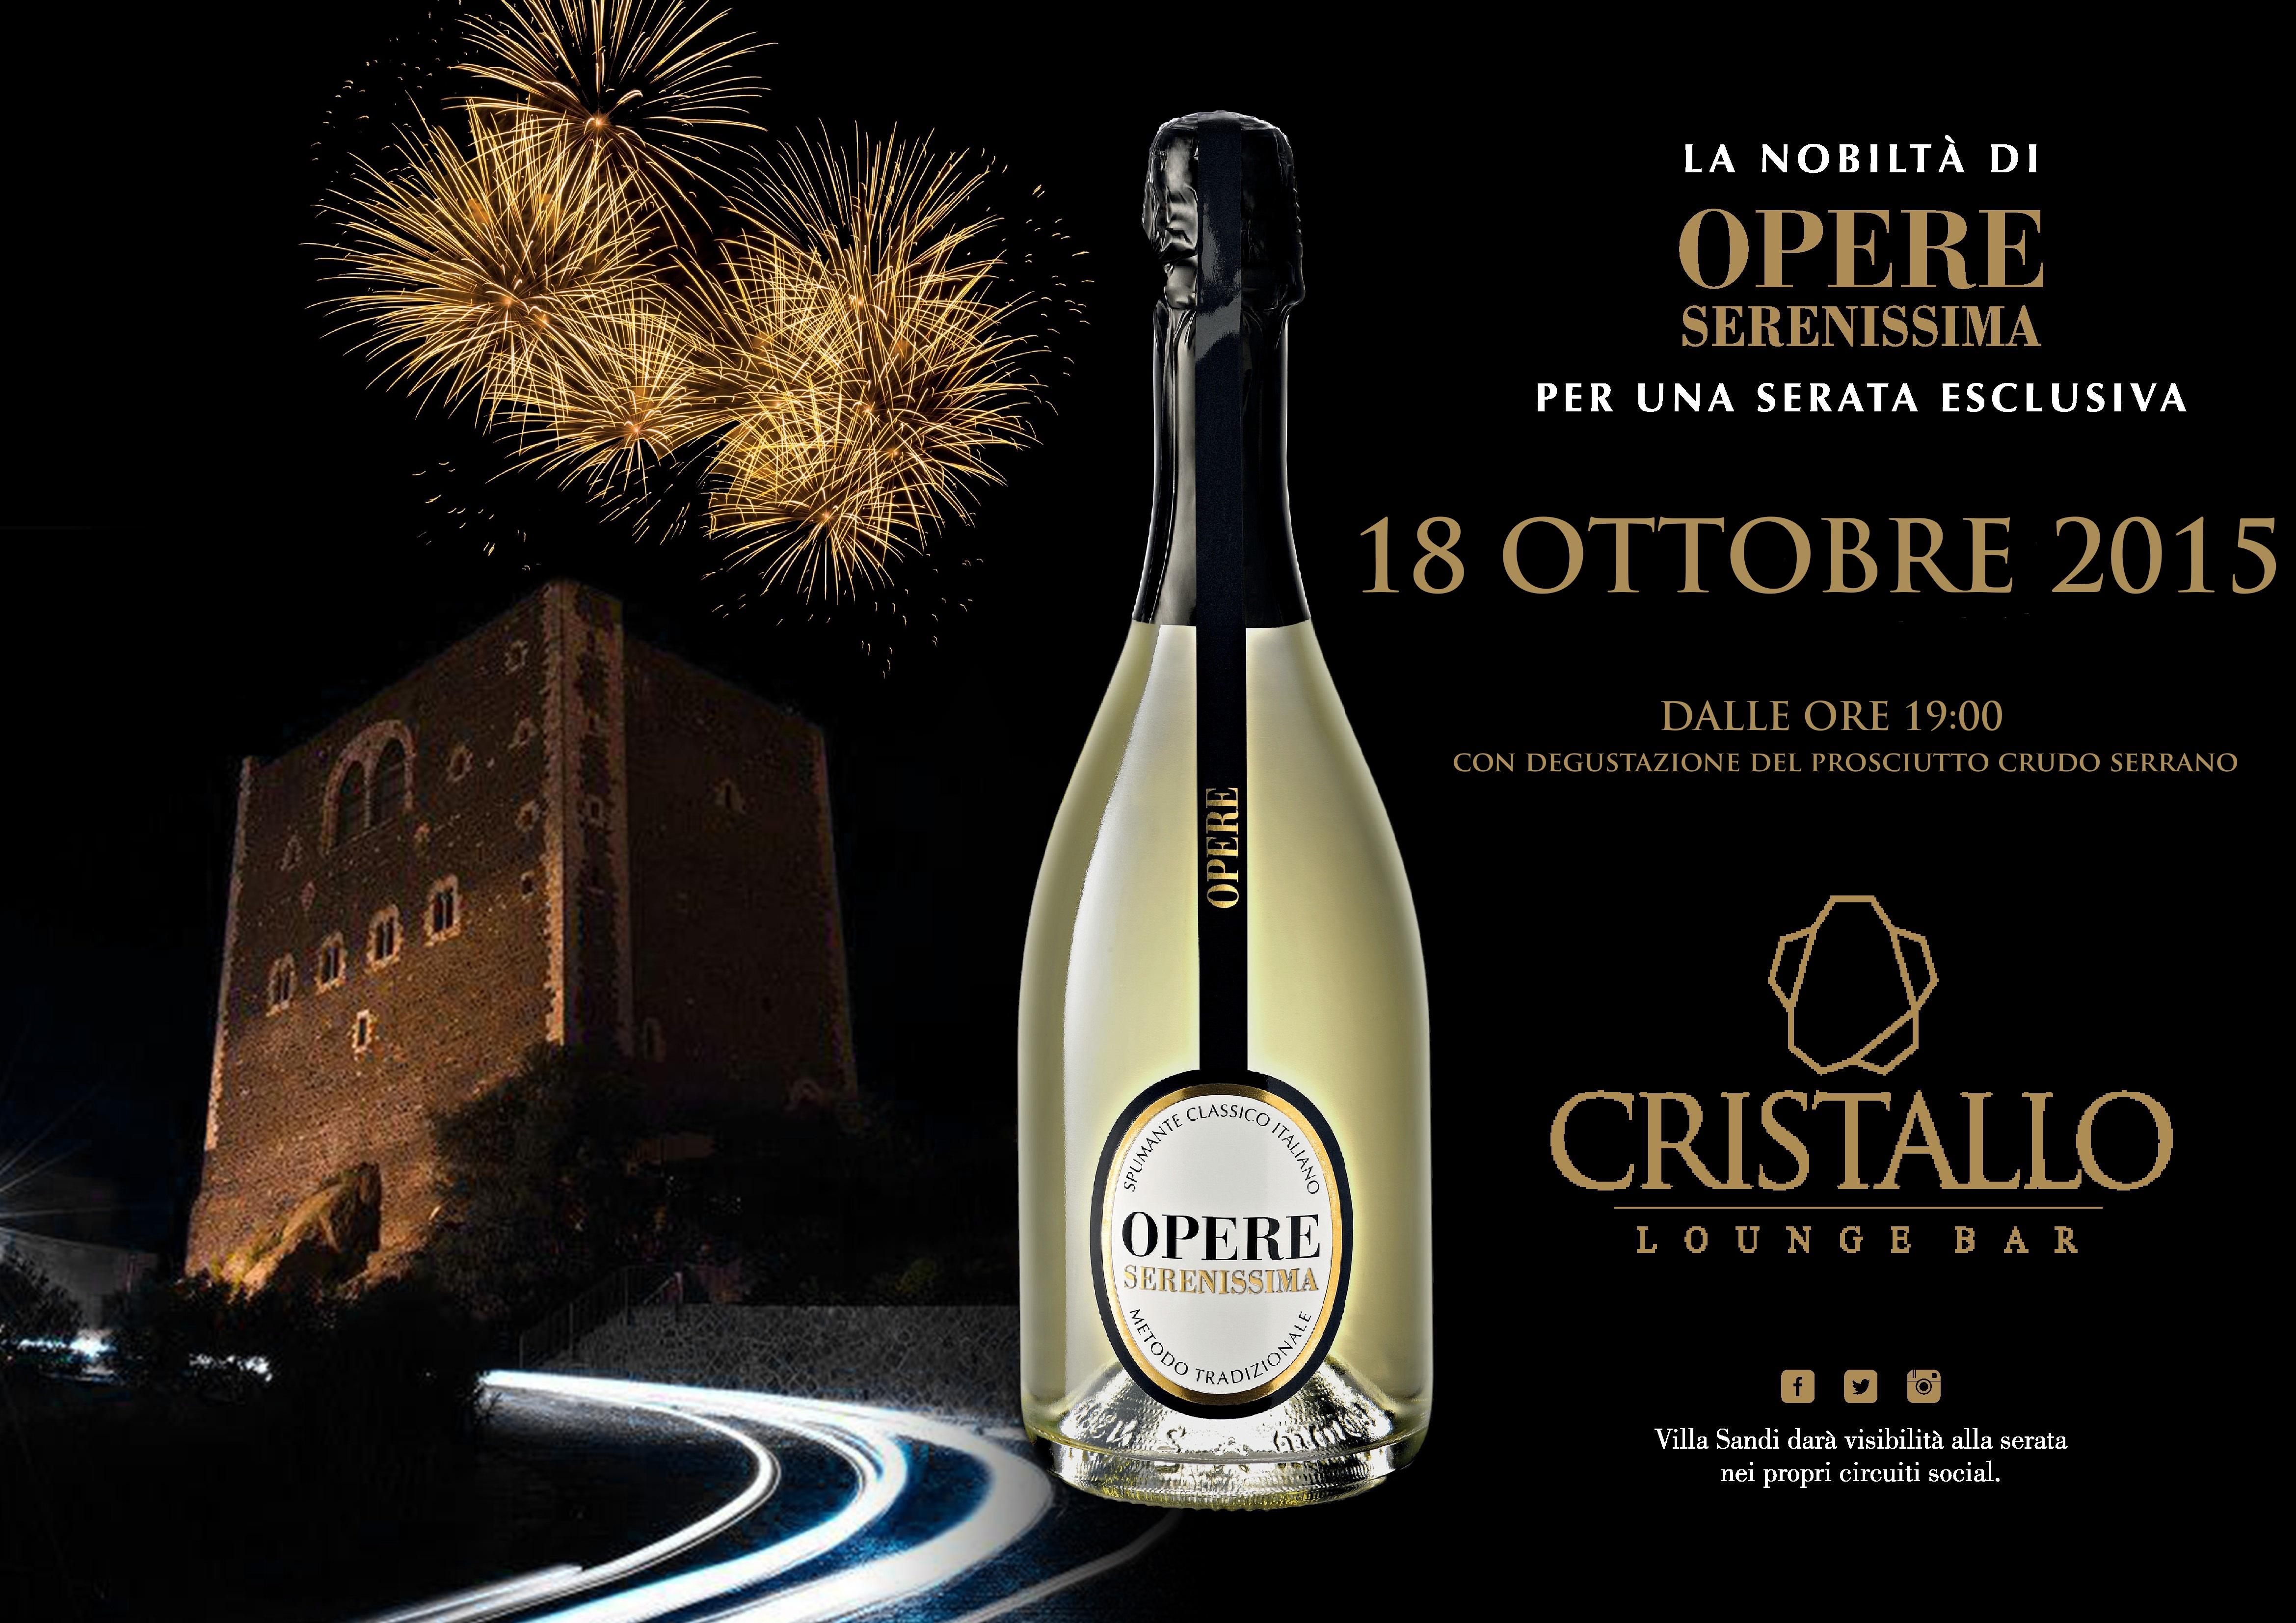 opere serenissima evento cristallo 18 OTTOBRE 2015